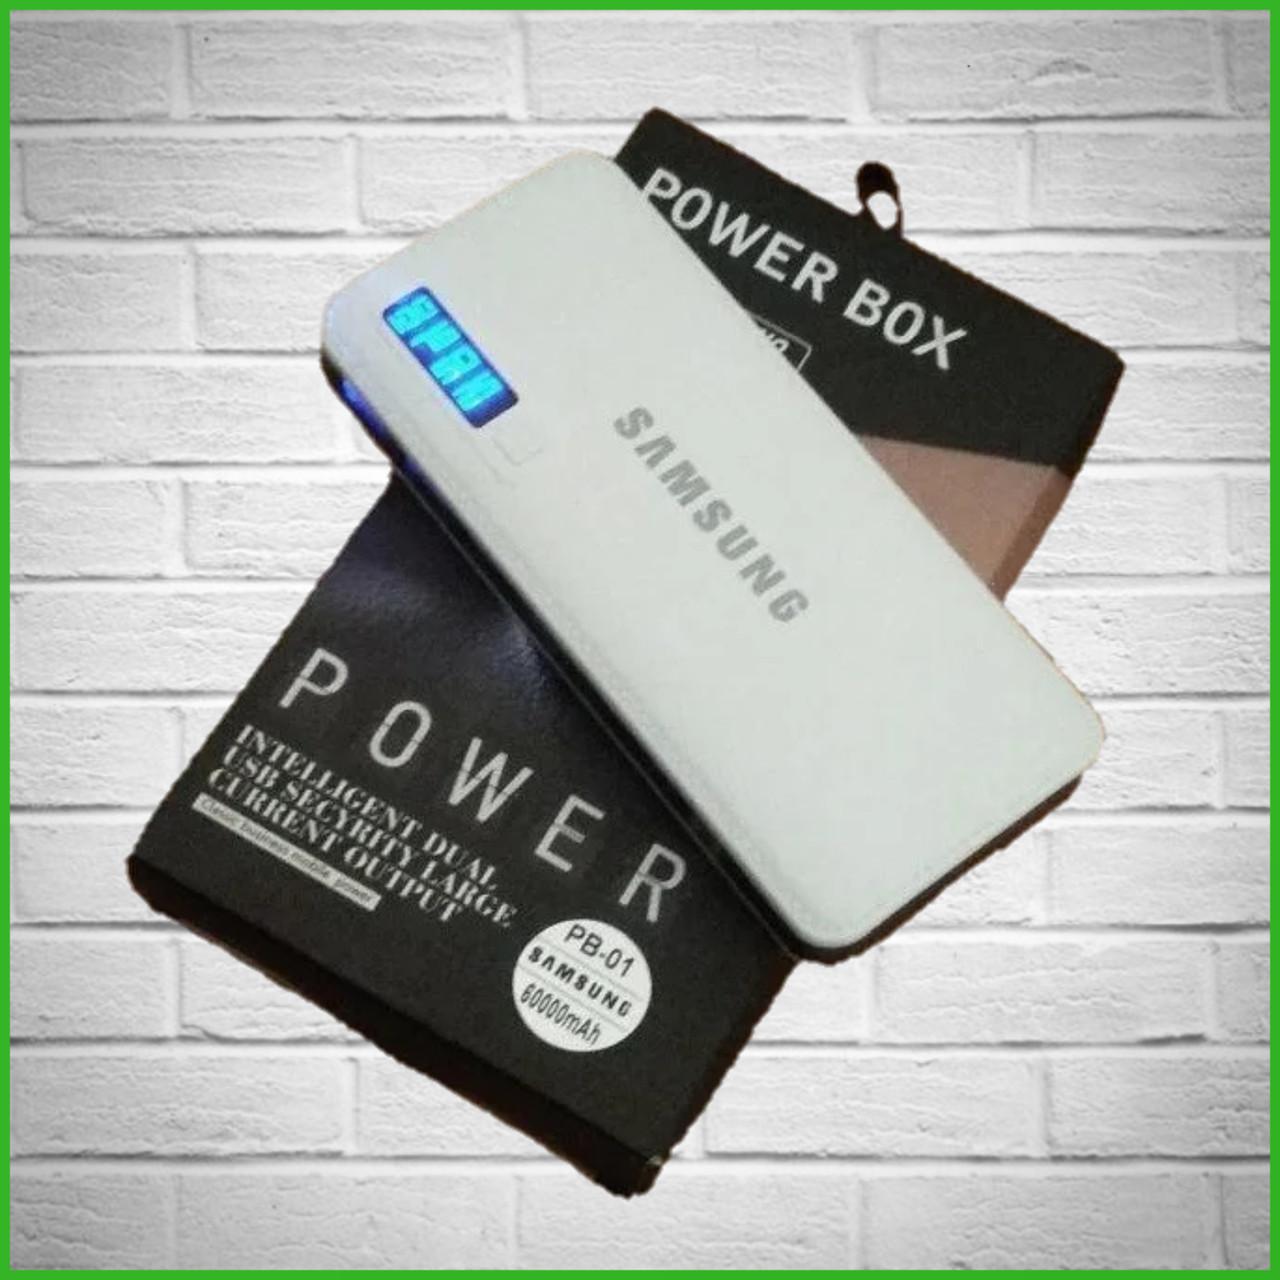 Power Bank SAMSUNG копия + LED фонарик, 3 USB, повер банк универсальная батарея, внешний аккумулятор